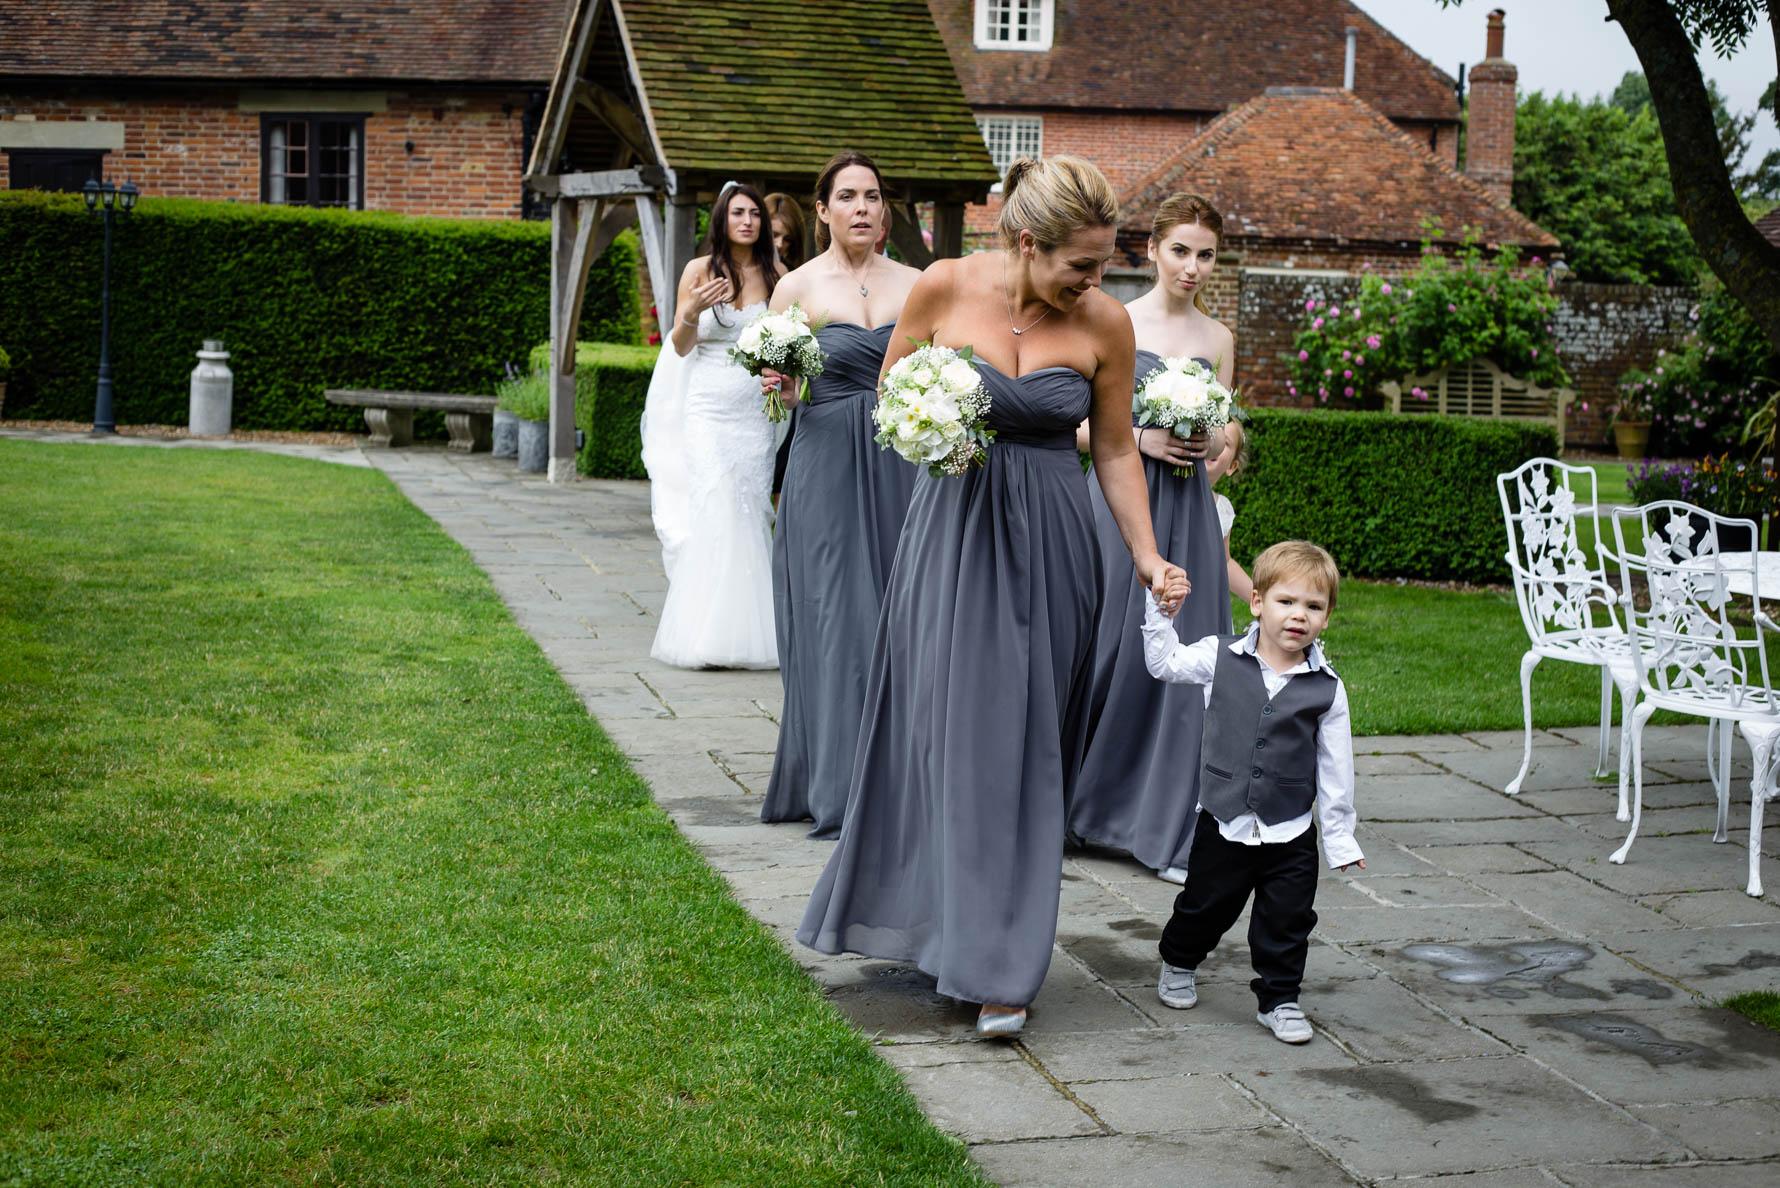 wedding at Winters Barns-17.jpg